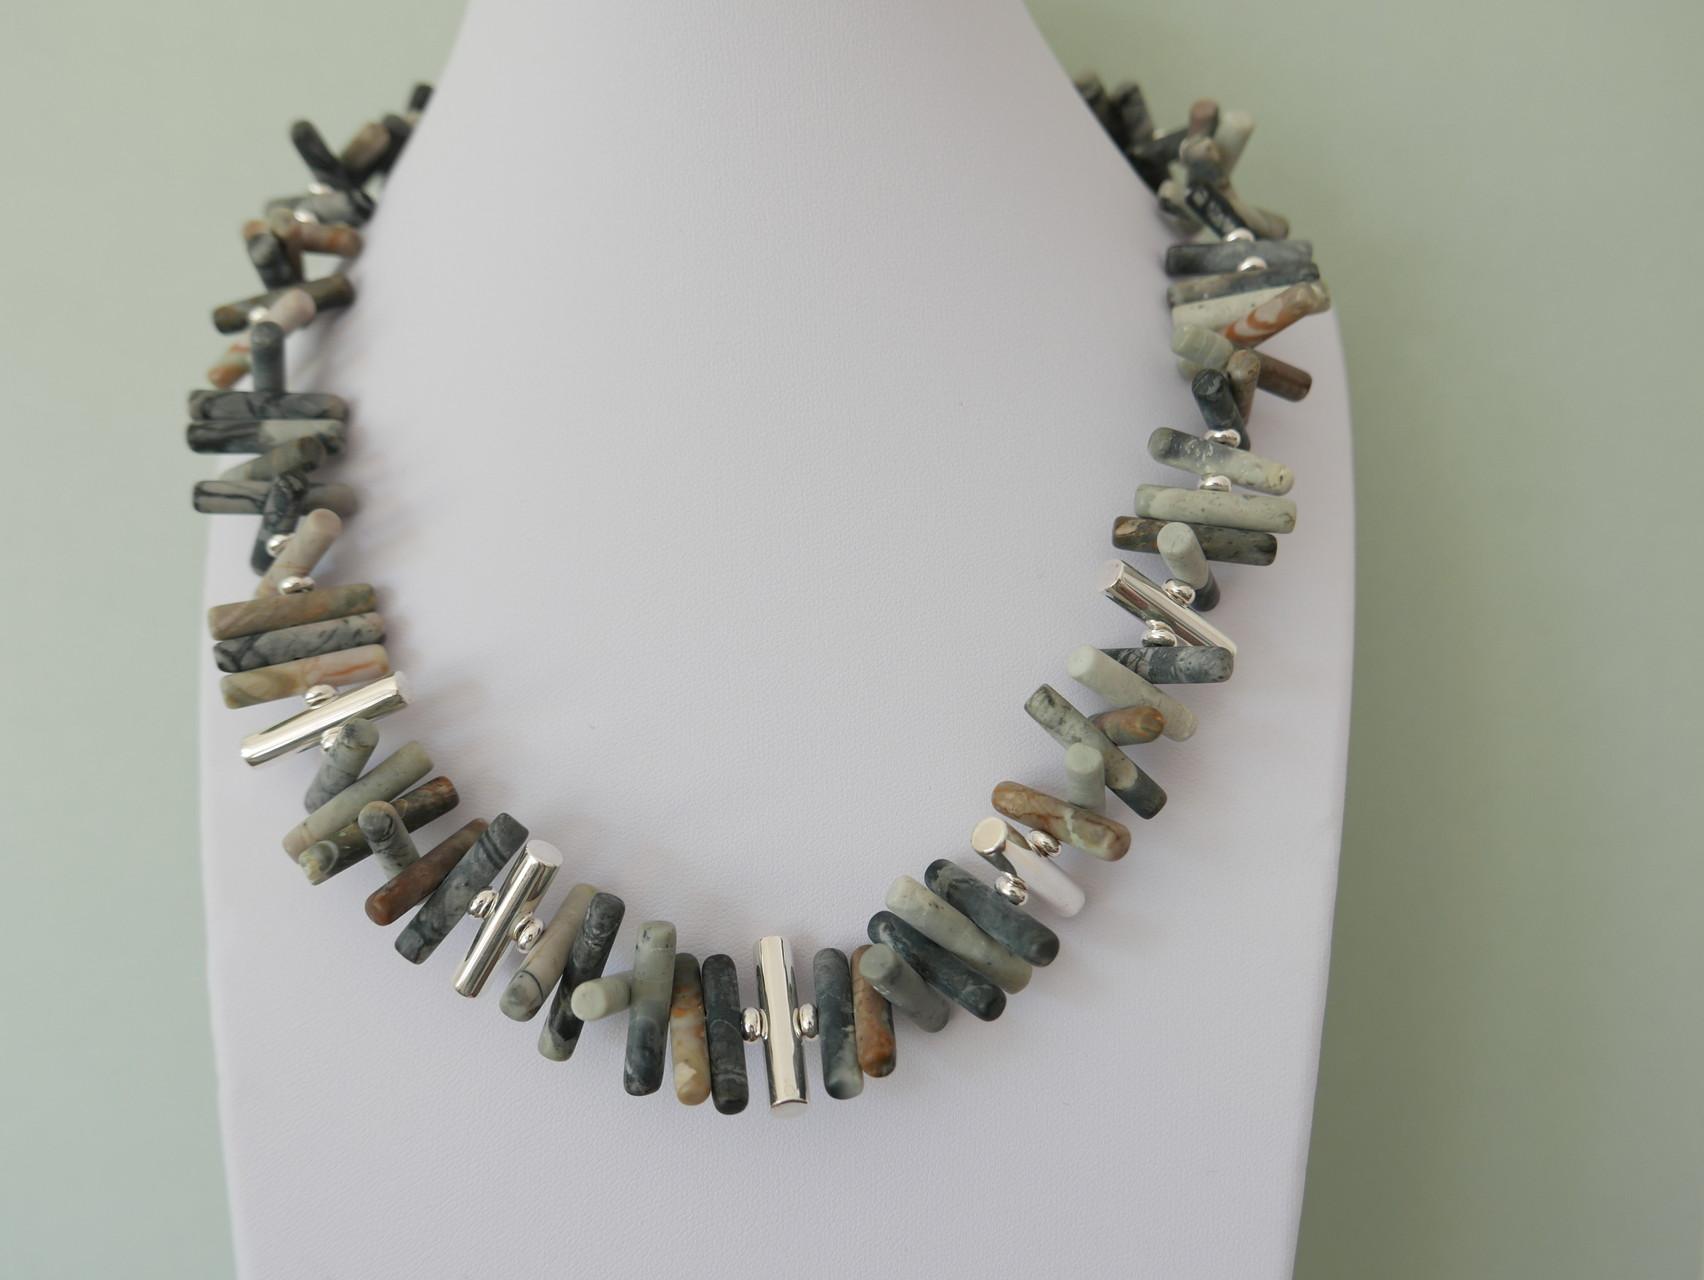 Steinkette muticolor mit Silberelementen